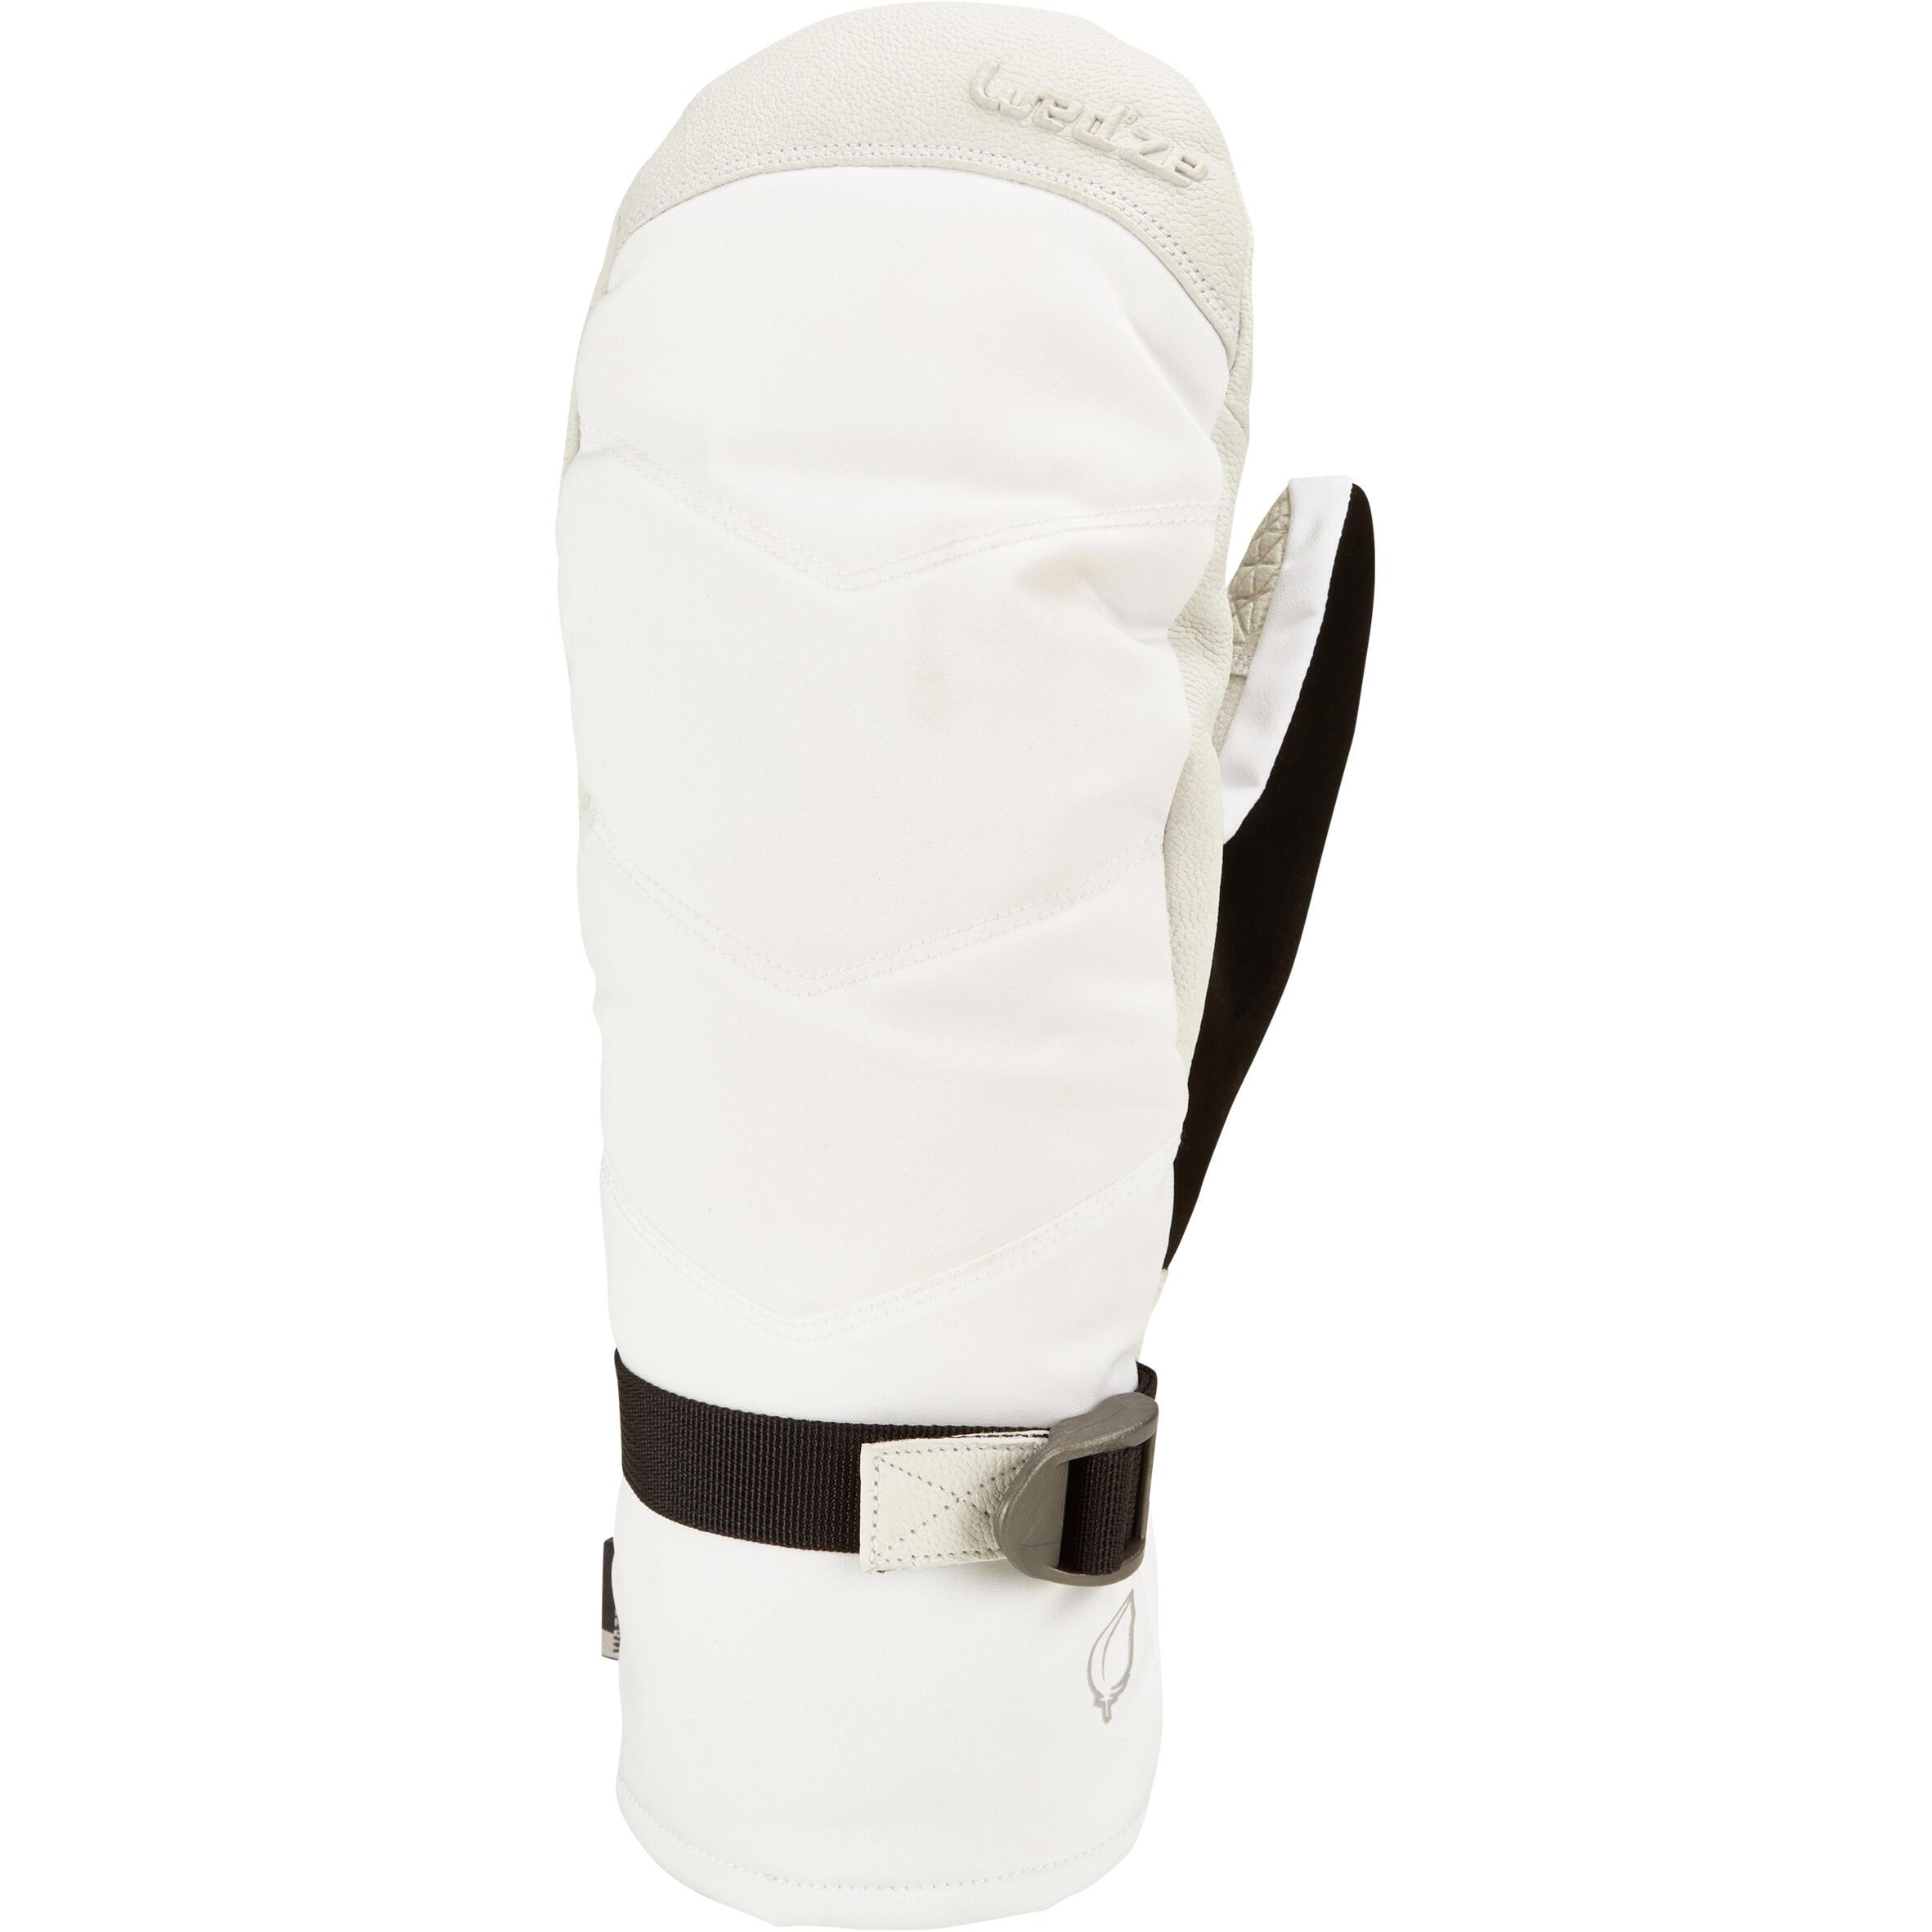 Skihandschuhe Fäustlinge 500 Erwachsene weiß | Accessoires > Handschuhe > Fäustlinge | Wed'ze